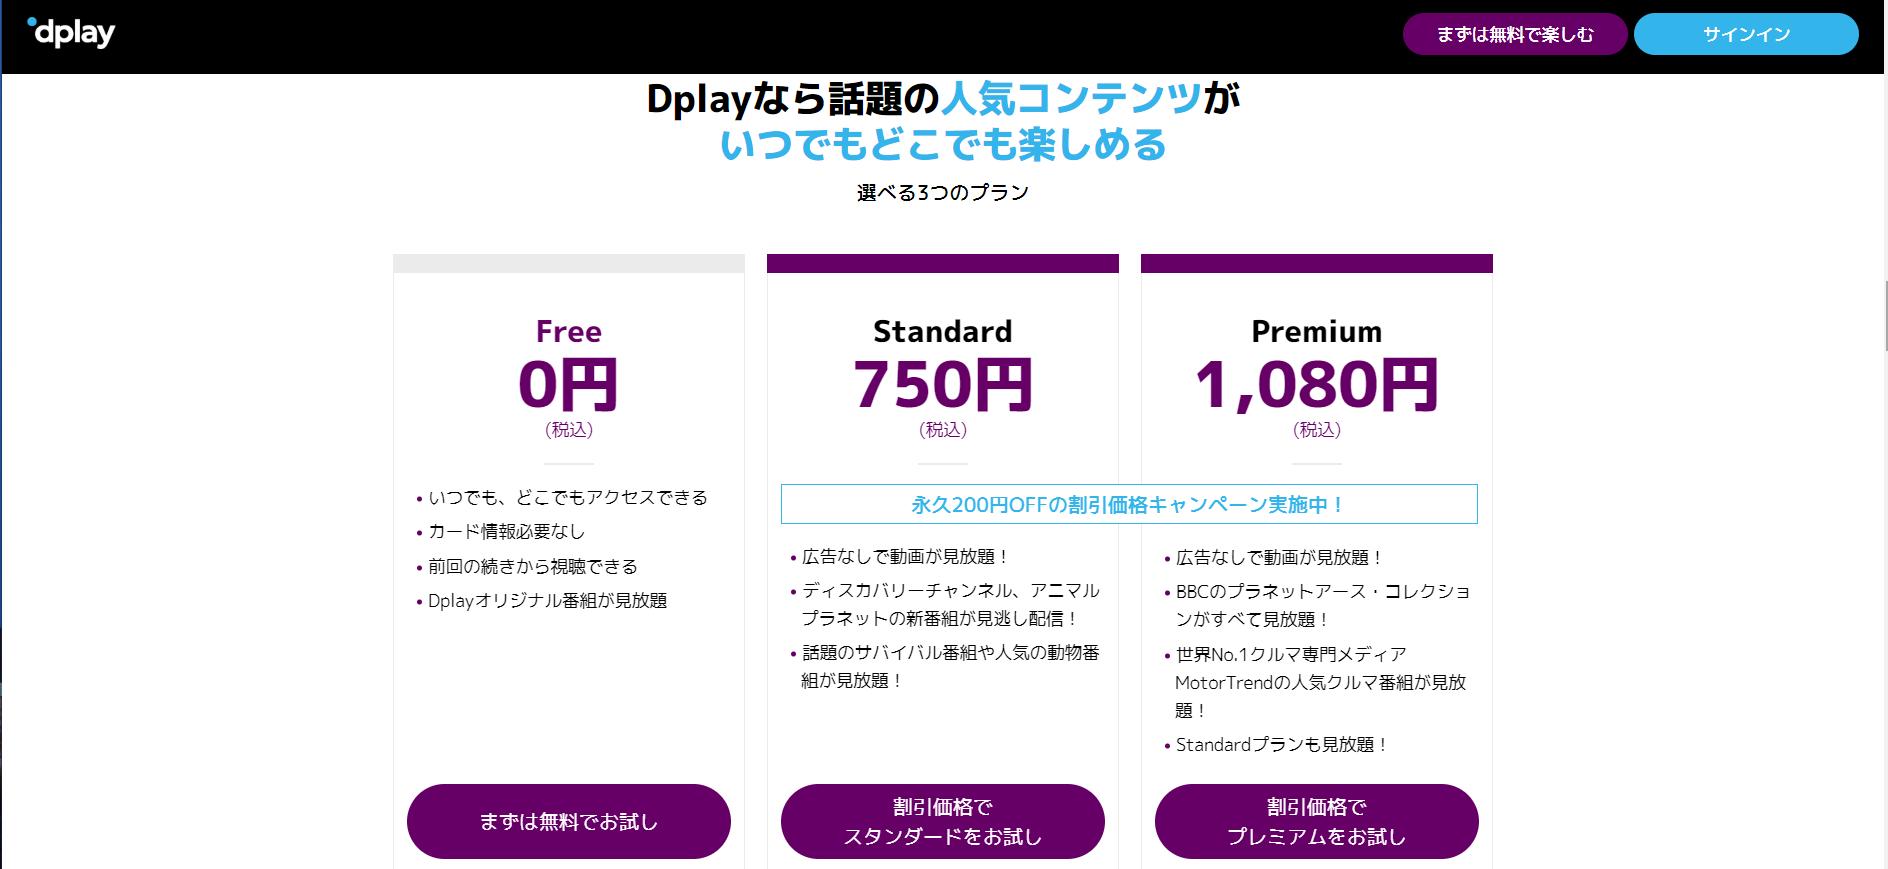 133 - ディスカバリーチャンネルが提供する新しい動画配信サービス【Dplay】に有料登録してみました!